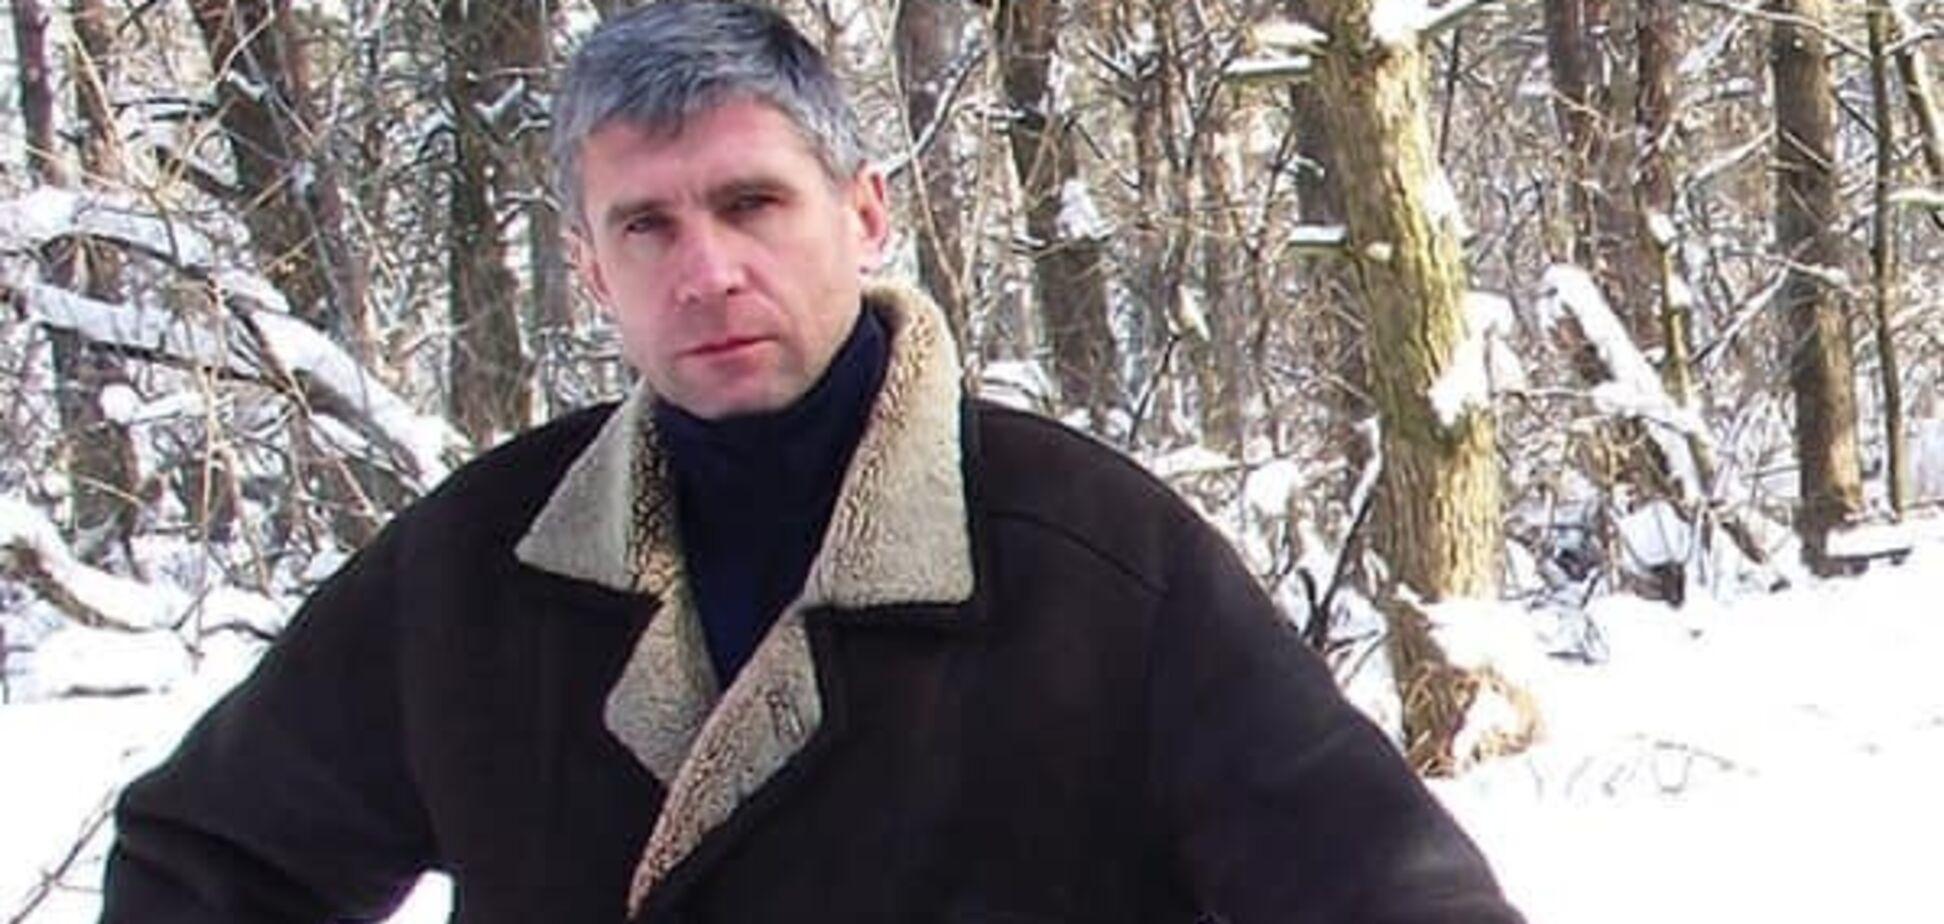 Лікаря-психіатра, підозрюваного у вбивстві адвоката, відпустили: суд у Києві ухвалив рішення